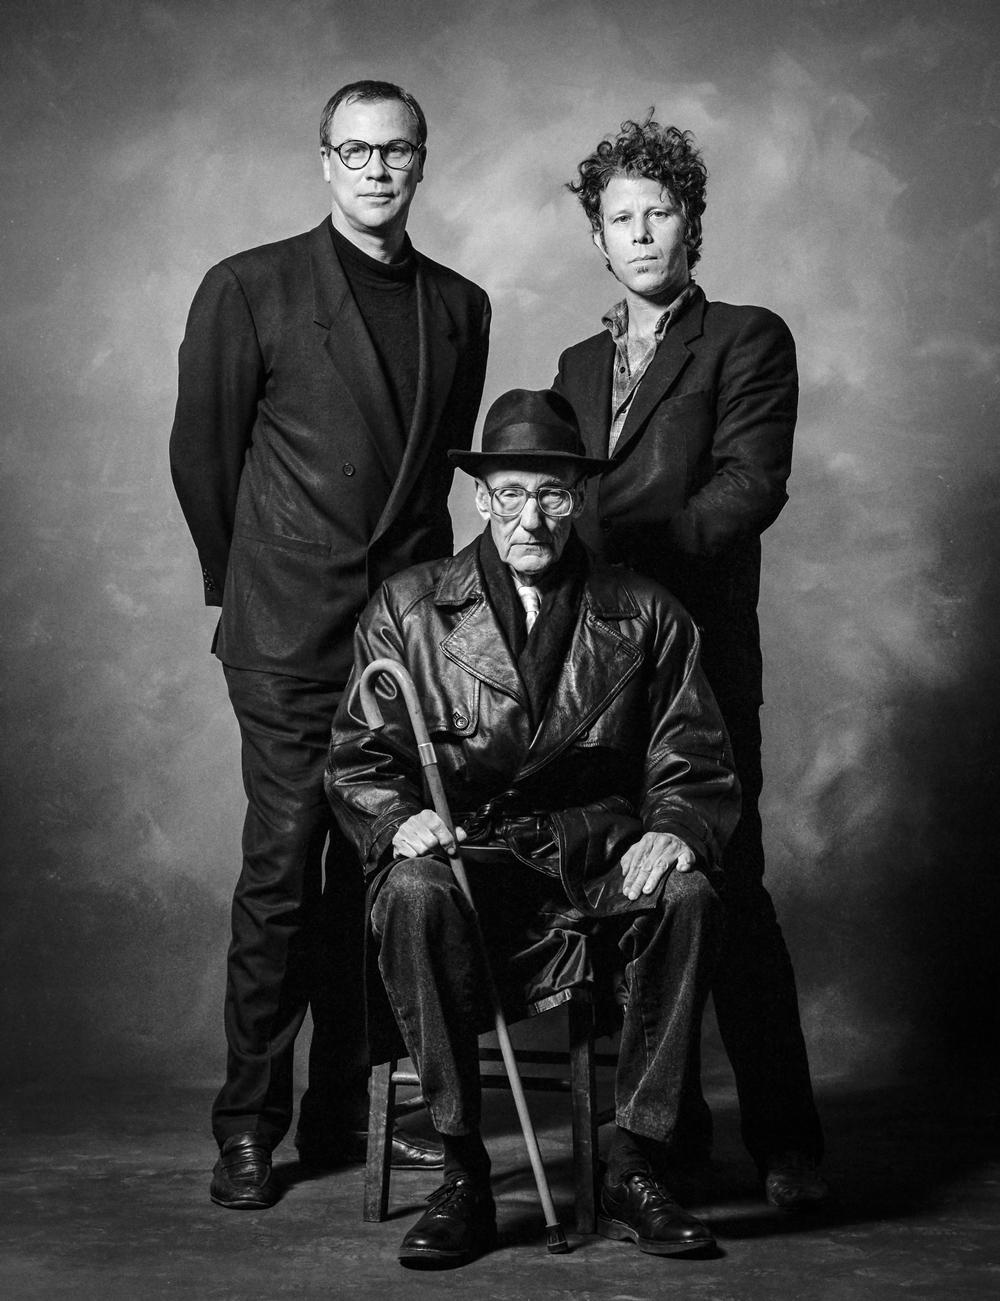 Robert Wilson, Tom Waits, William S. Burroughs